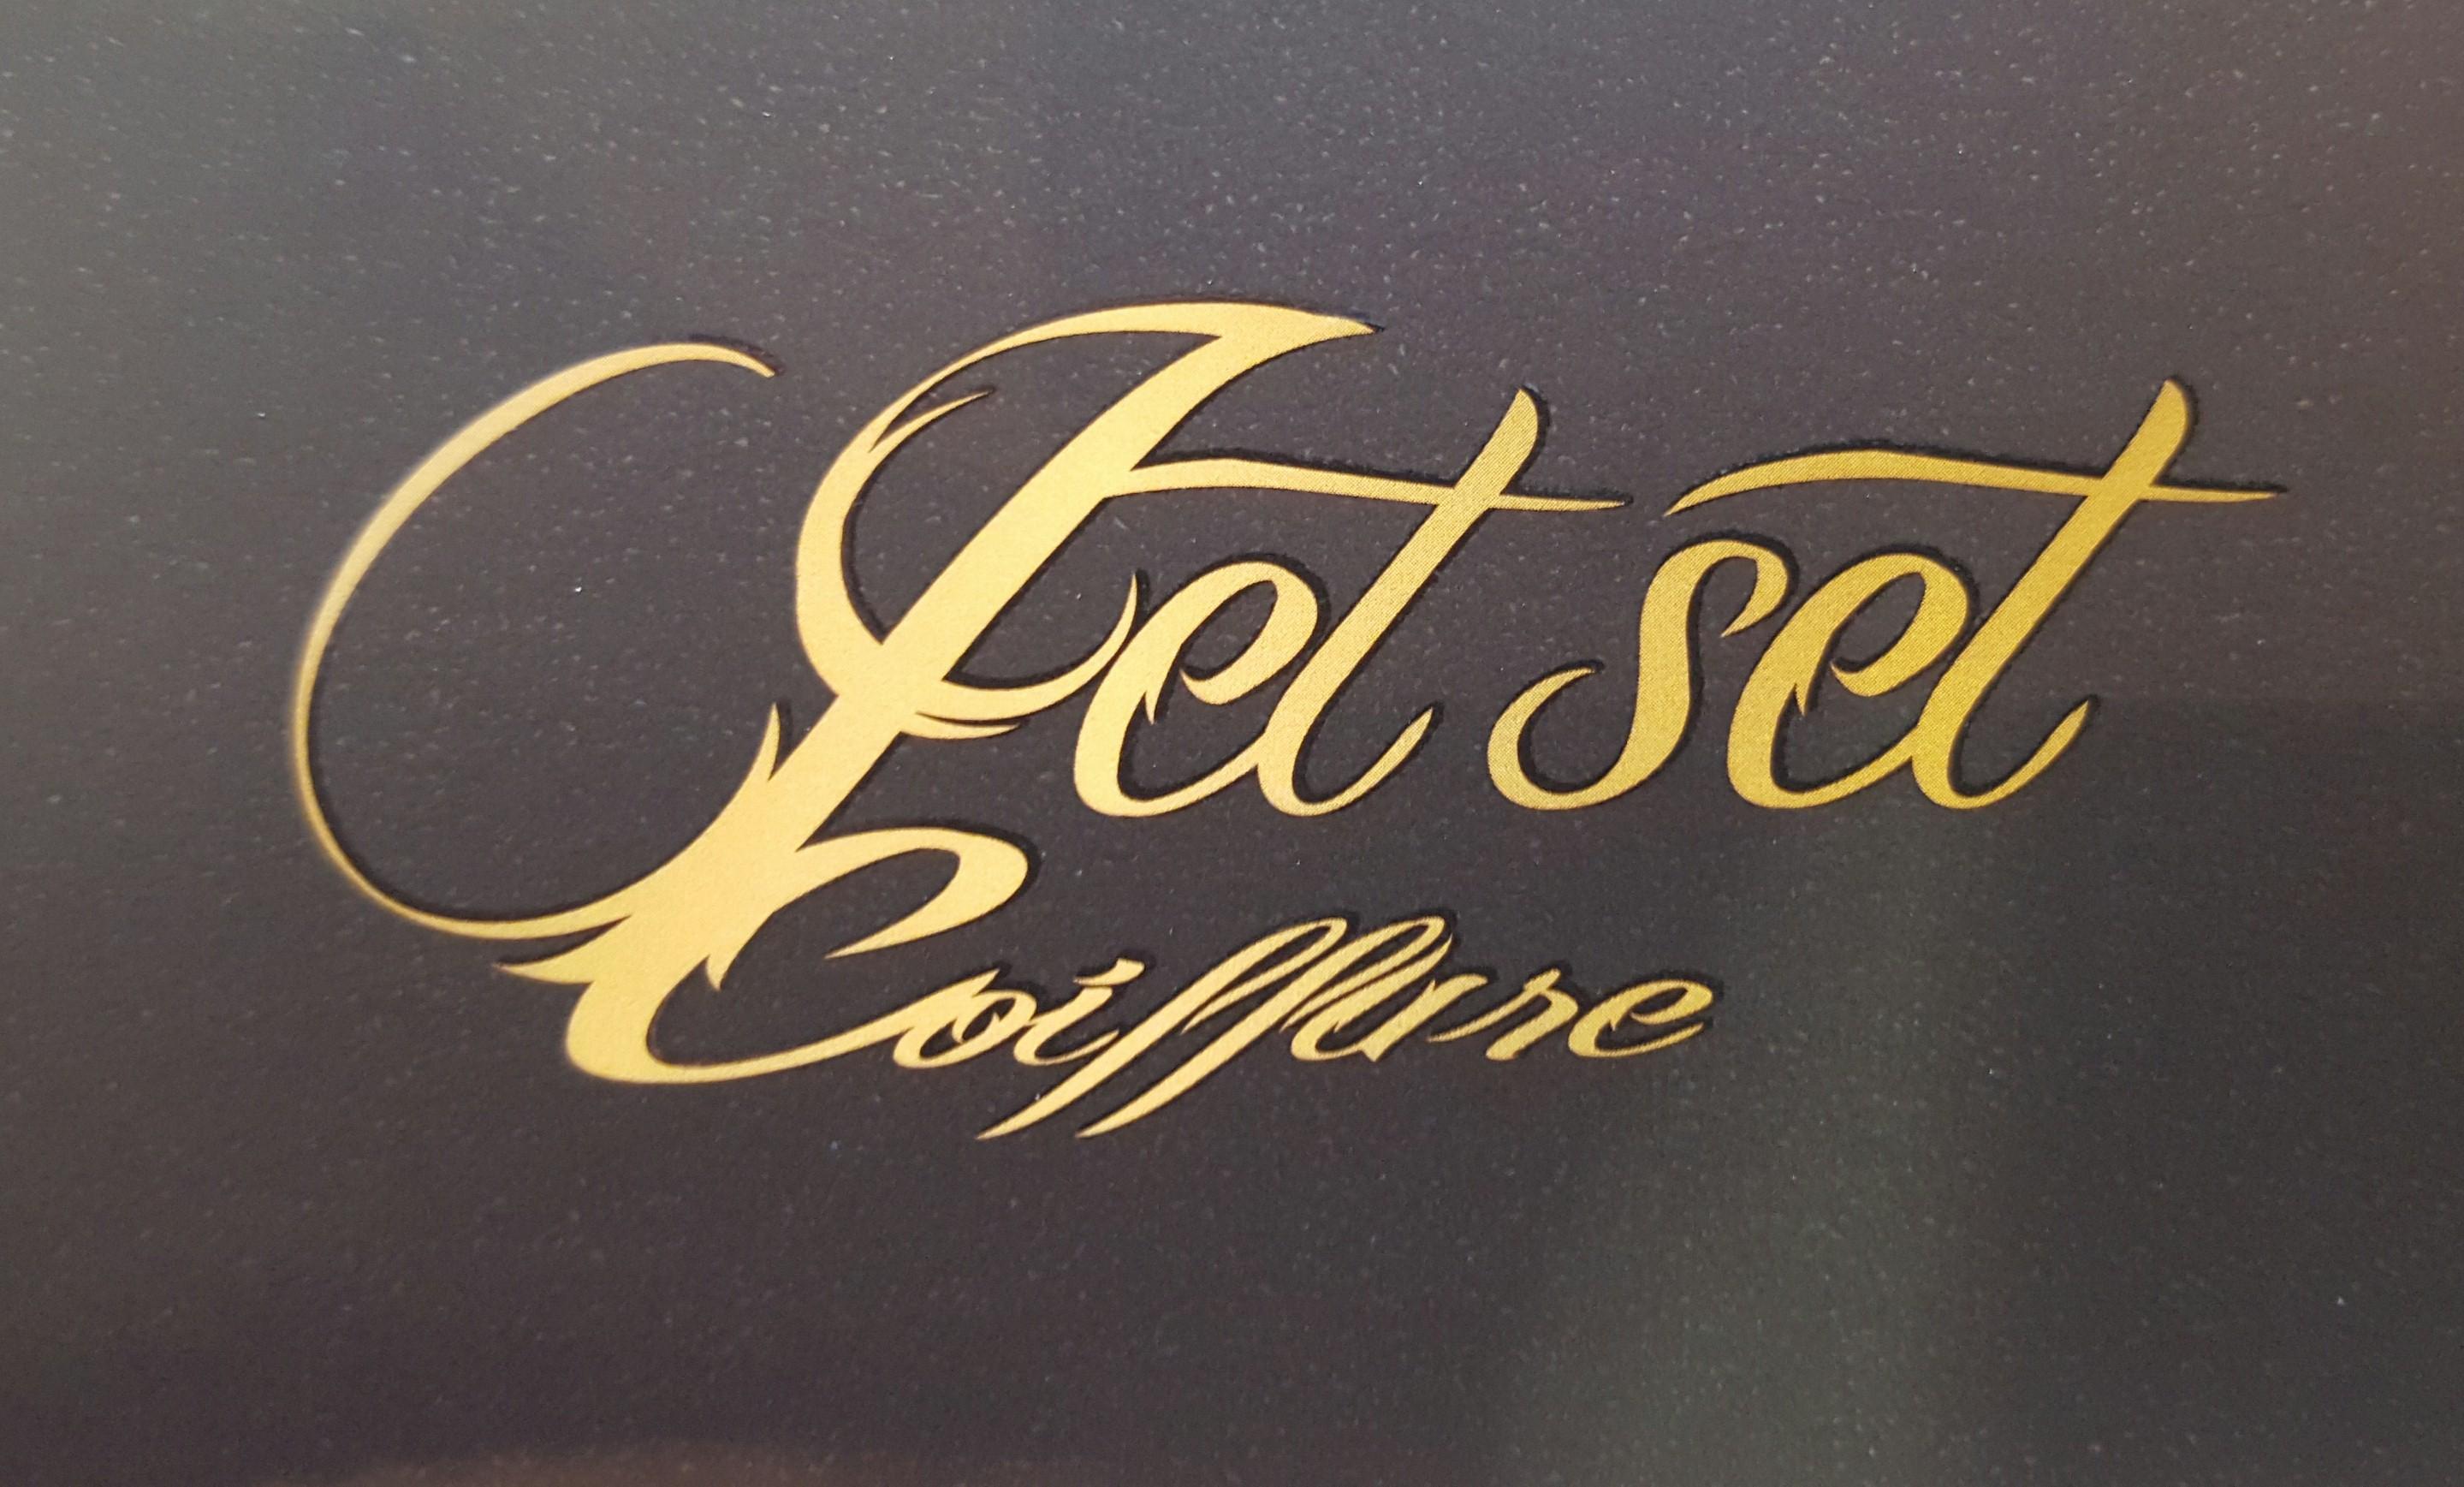 jet set coiffure boulogne billancourt avis tarifs. Black Bedroom Furniture Sets. Home Design Ideas